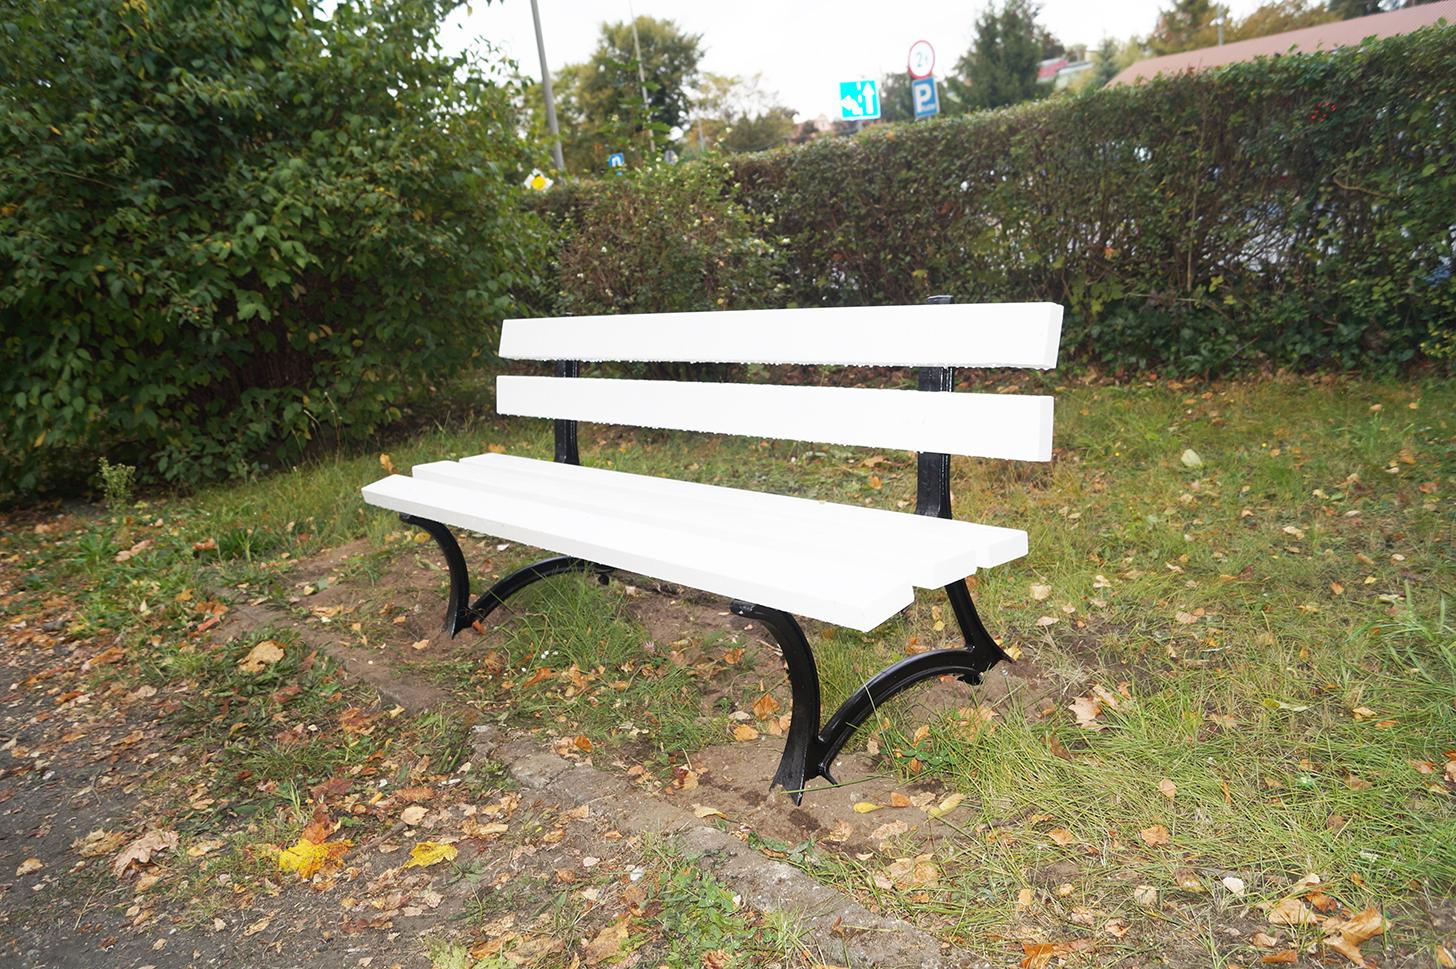 Białe ławki, a w parku bajzel